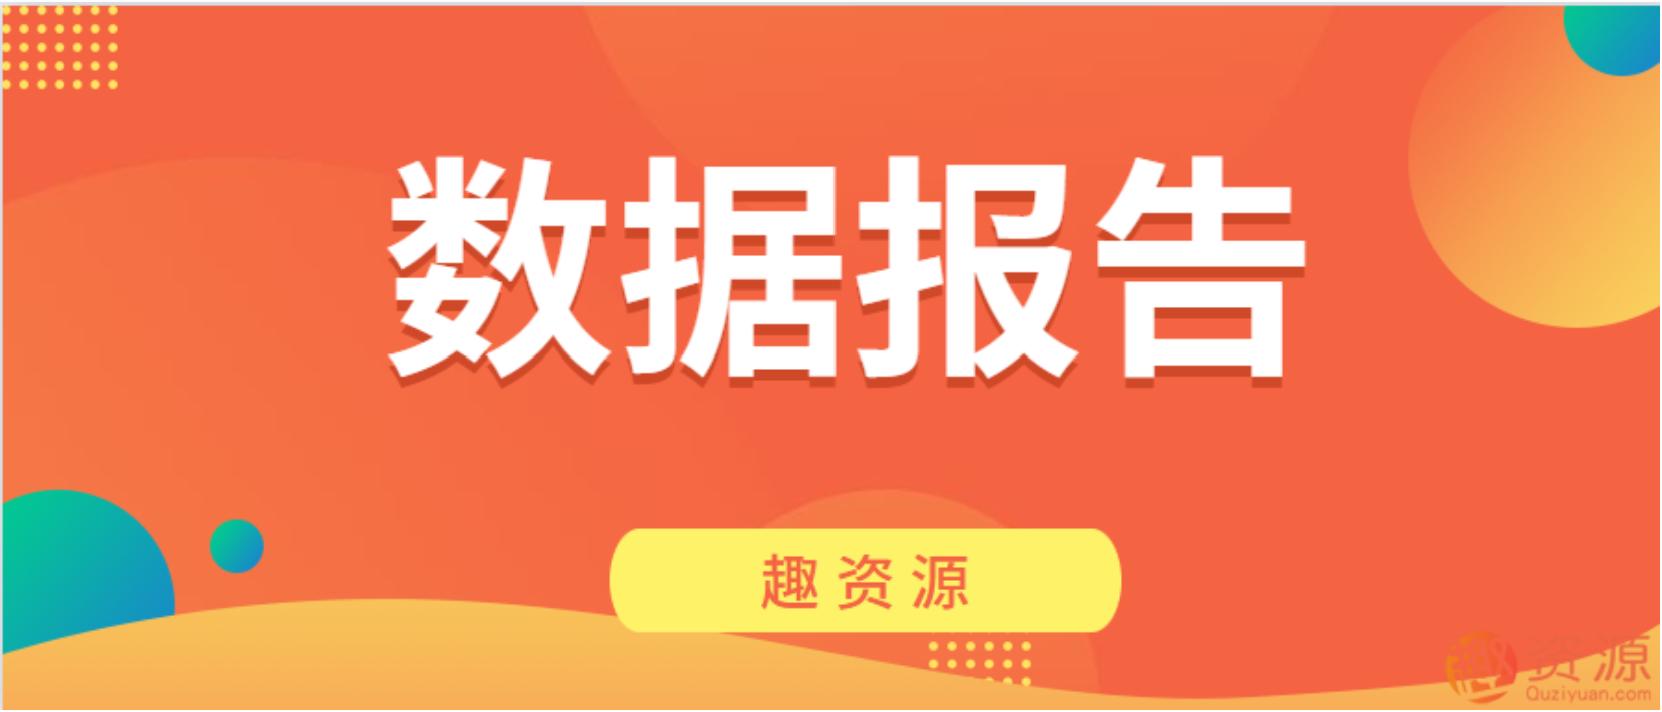 【资源网站】数据报告第一期